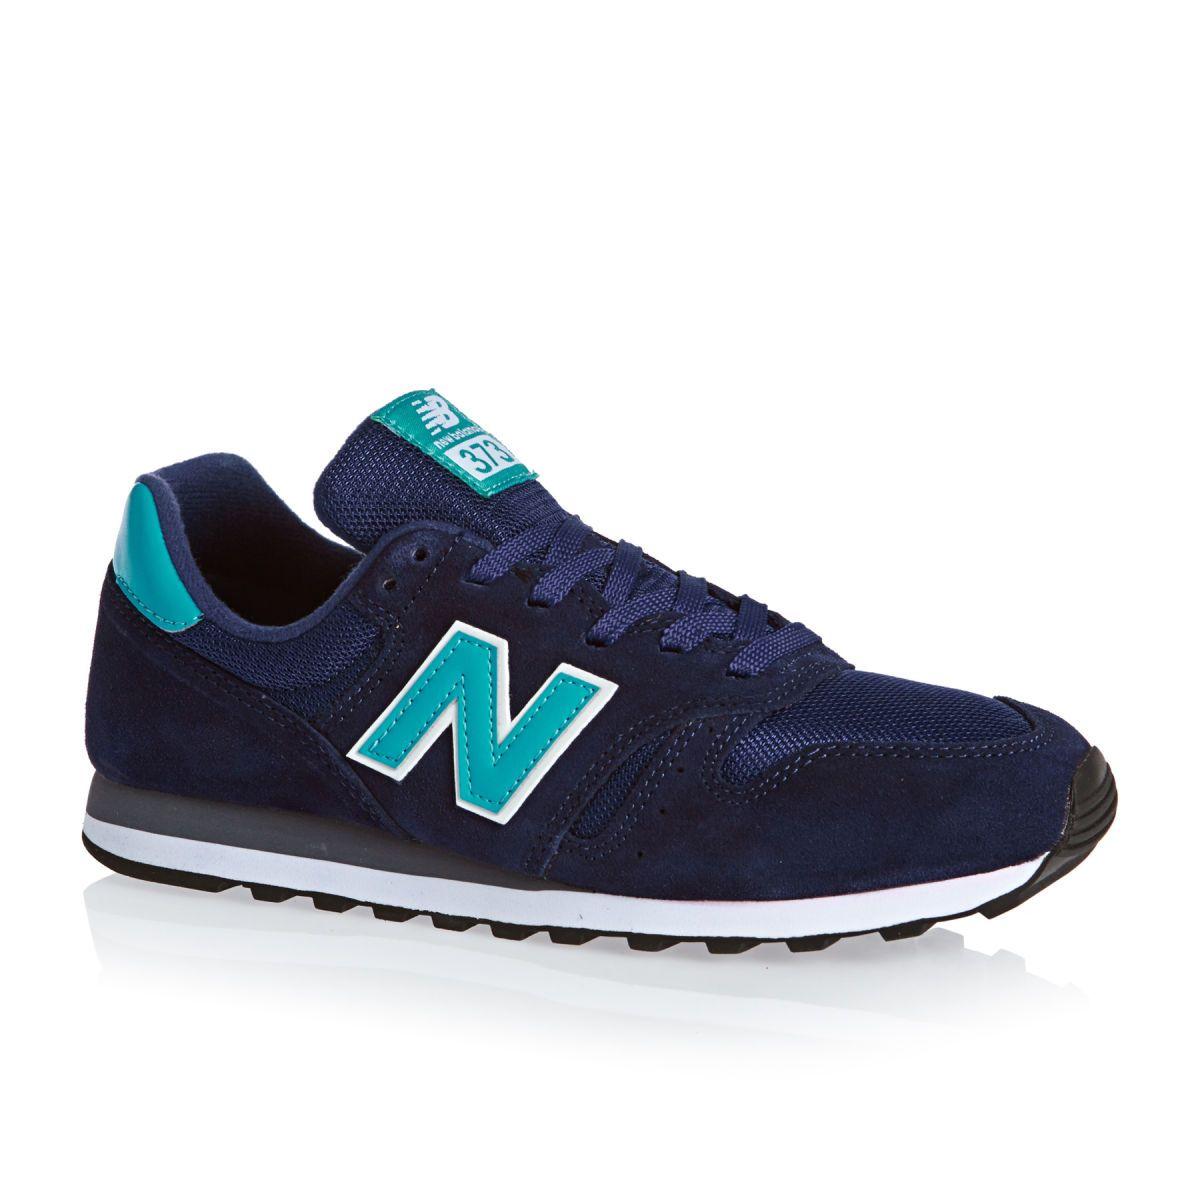 new balance 373 turquoise